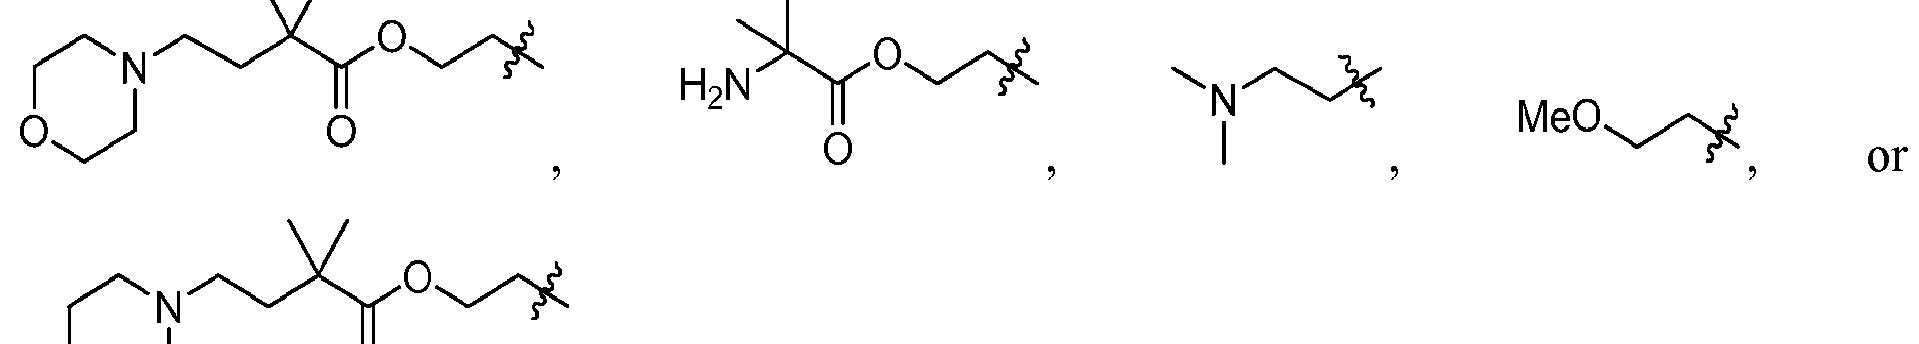 Figure imgf000102_0003